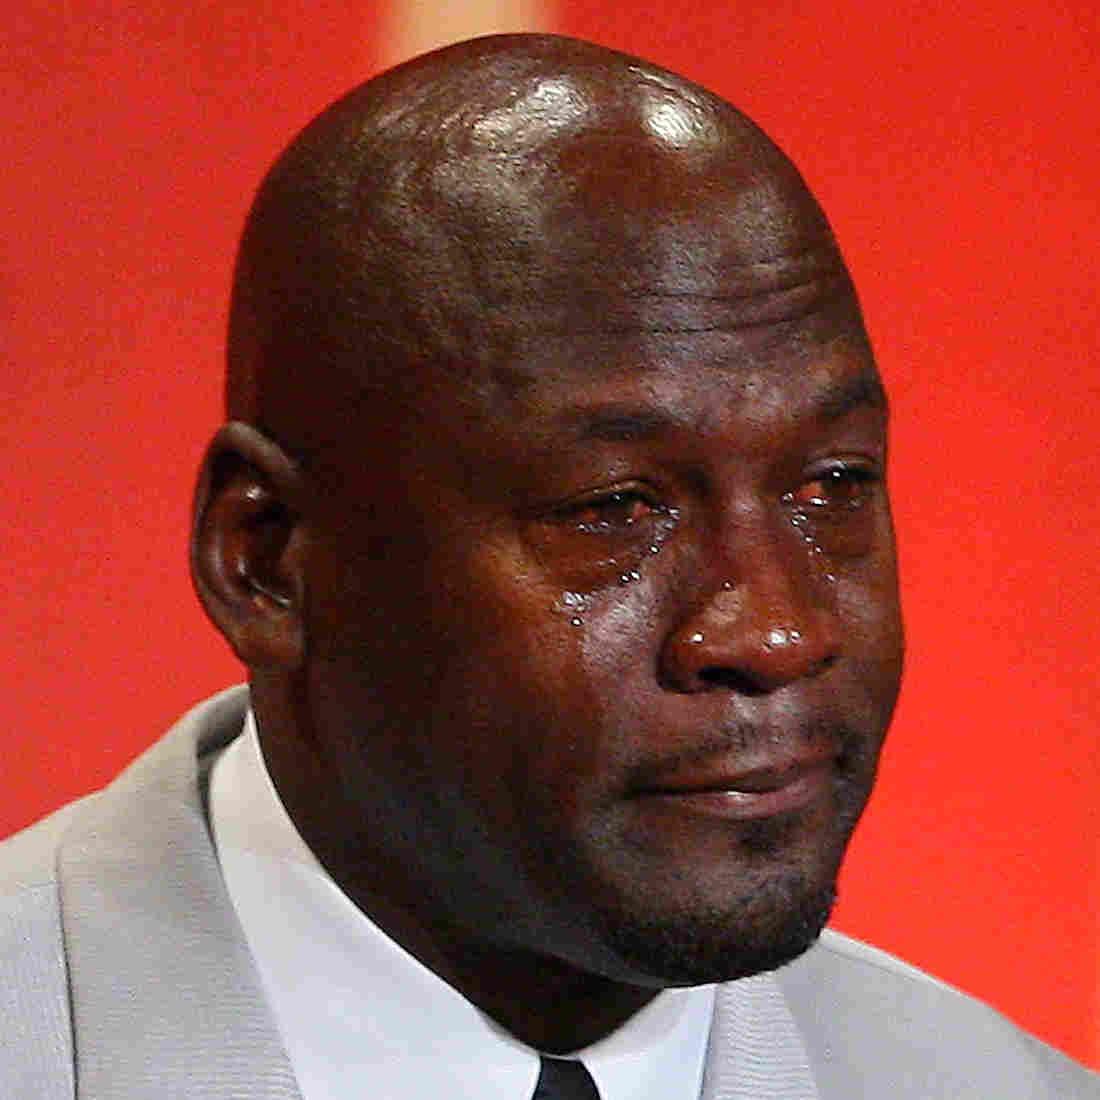 Me / Crying Michael Jordan